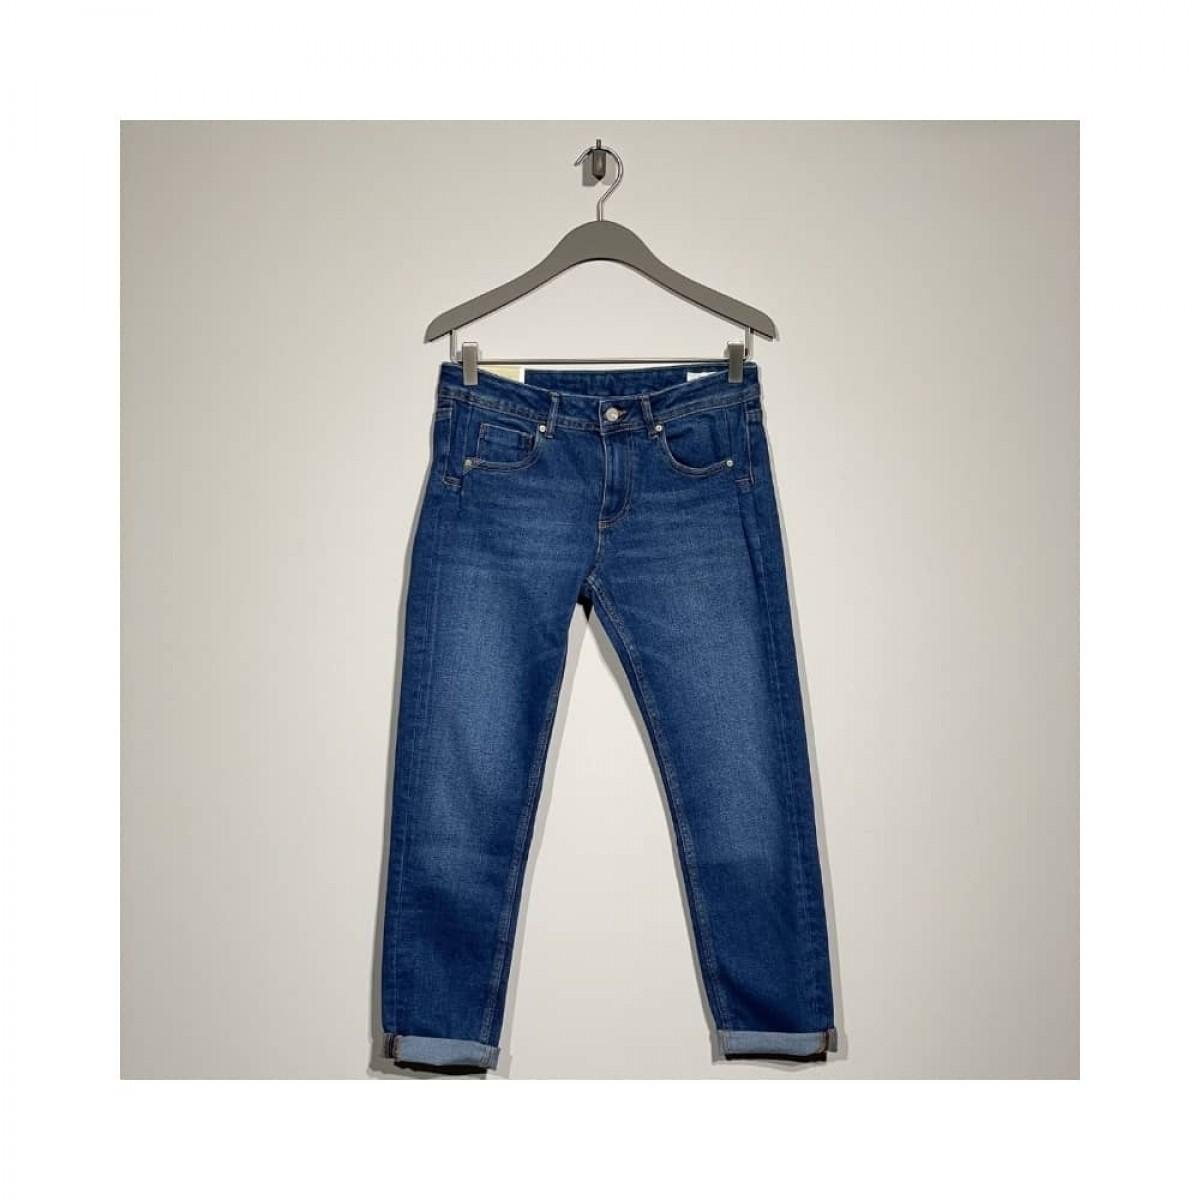 nina boyfriend jeans - blue